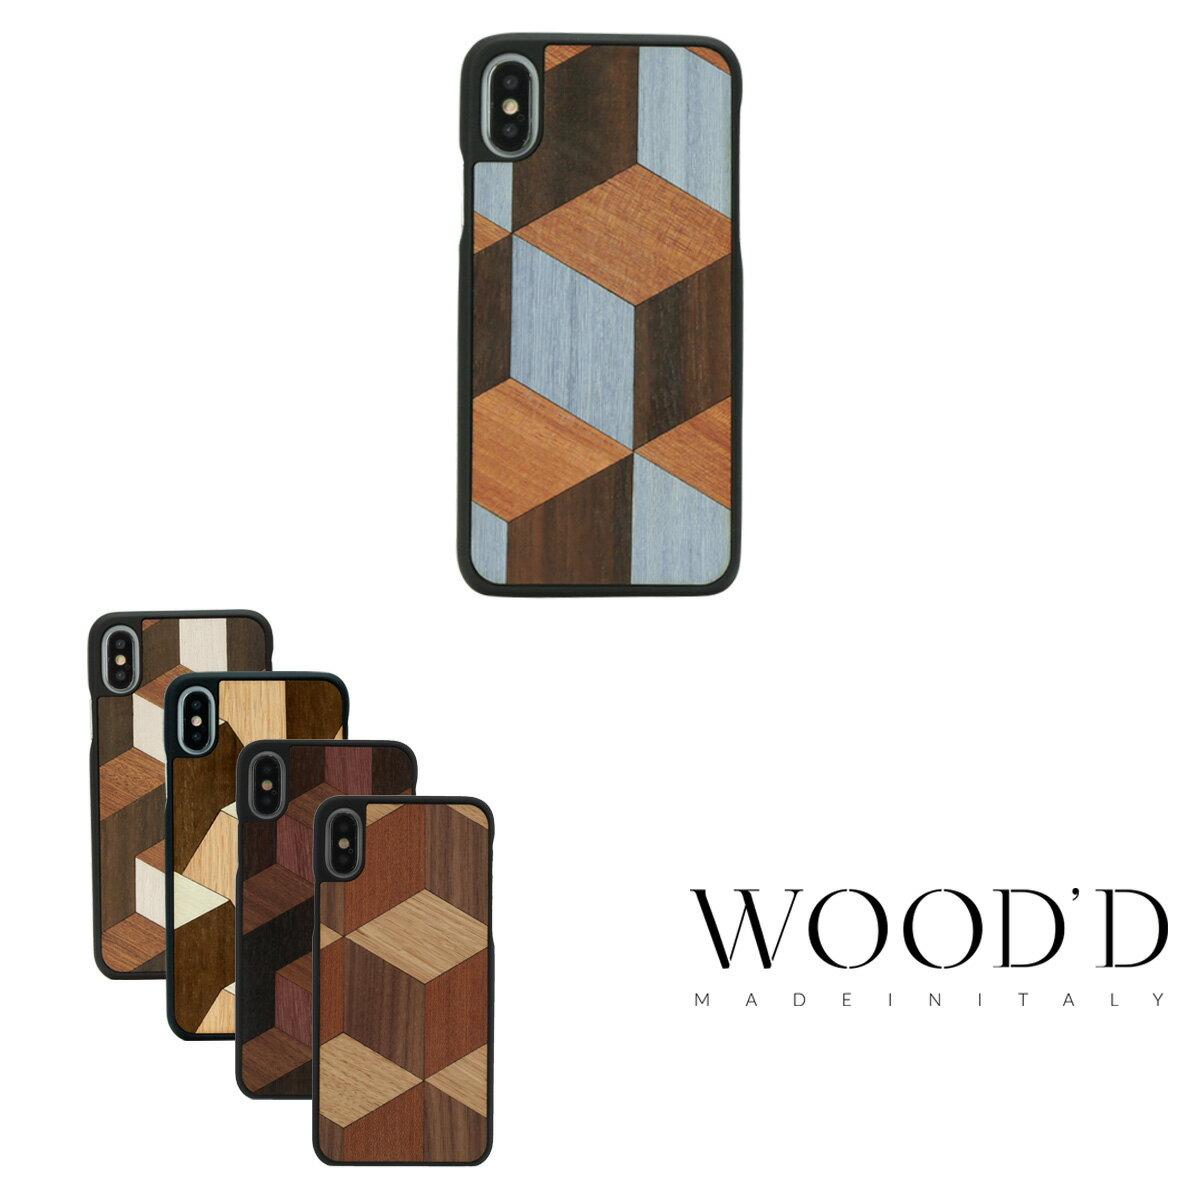 Wood'd iPhoneX ケース Real wood Snap-on covers GEOMETRIC ウッド 【 アイフォン スマホケース スマートフォン カバー 】【PO10】